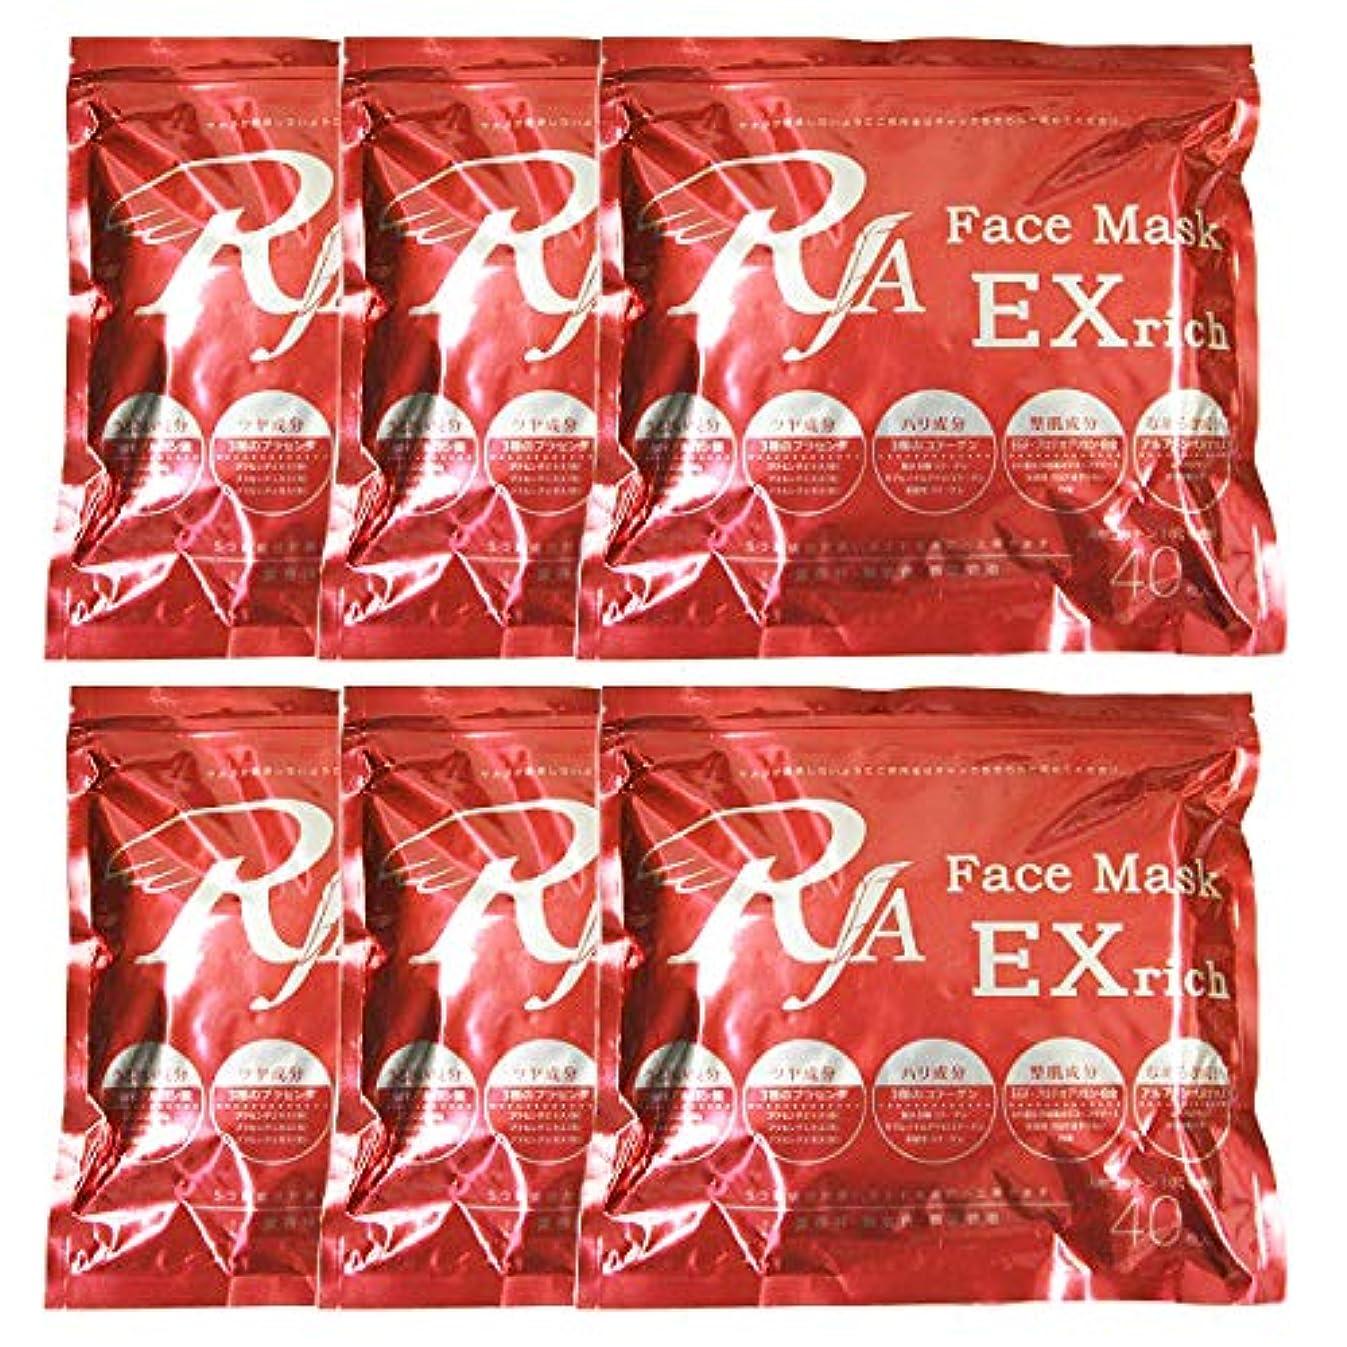 ブラザー遠近法報酬のTBS公式/RJA フェイス マスク EXrich 240枚入(40枚×6袋) エステ使用の実力派フェイスマスク!1枚に約11mlもの美容液